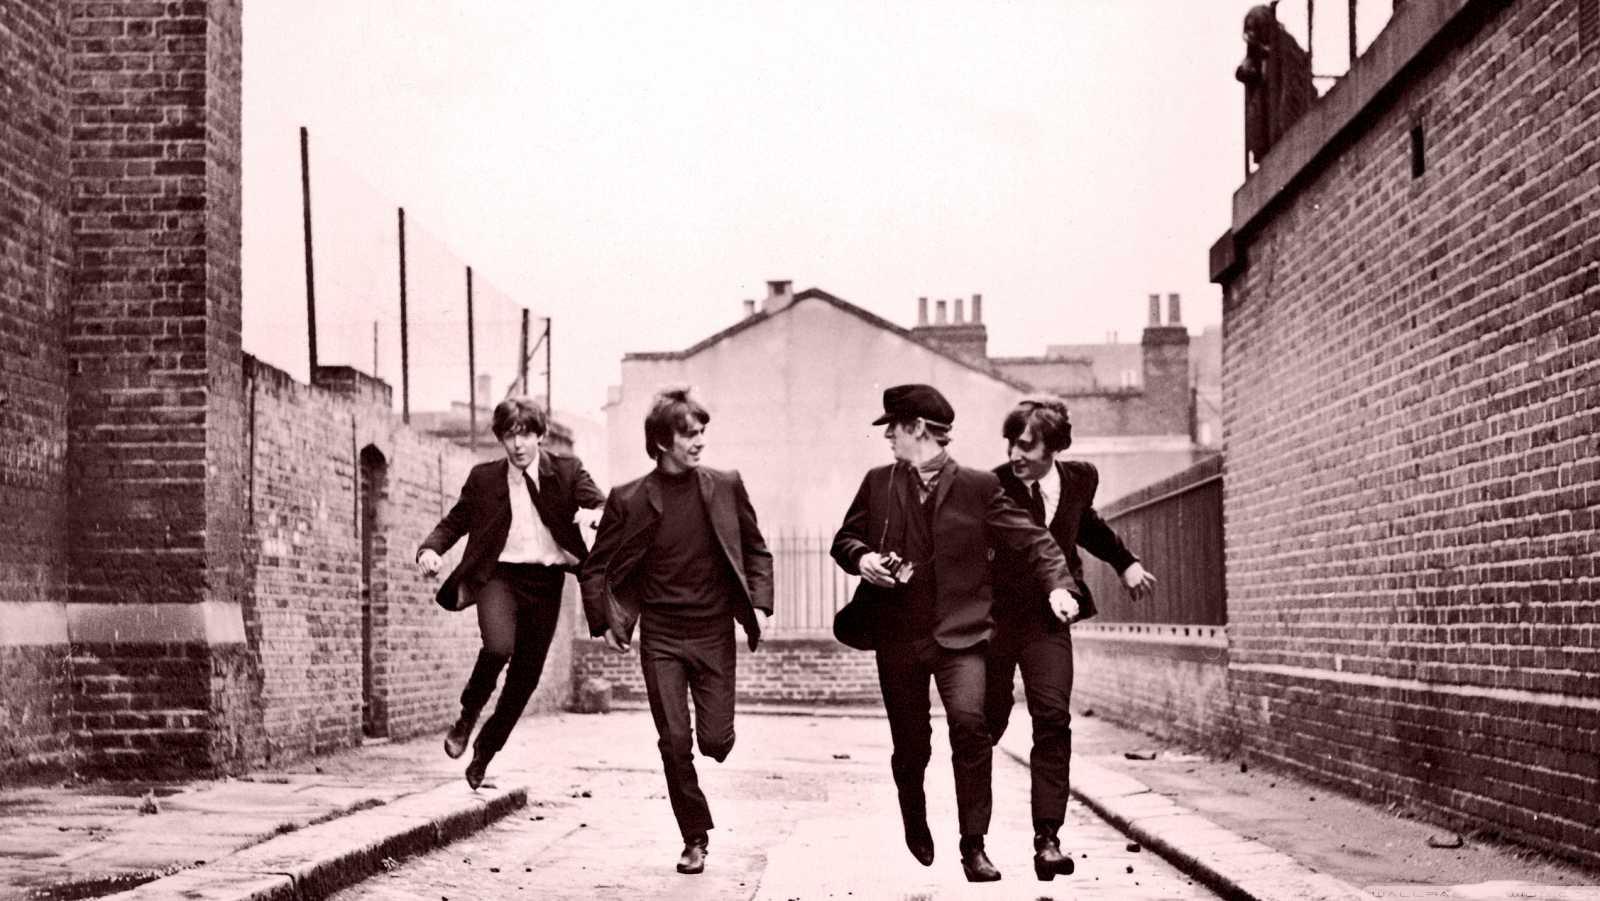 Solo jazz - Beatles y jazz, músicas al encuentro - 26/02/20 - escuchar ahora